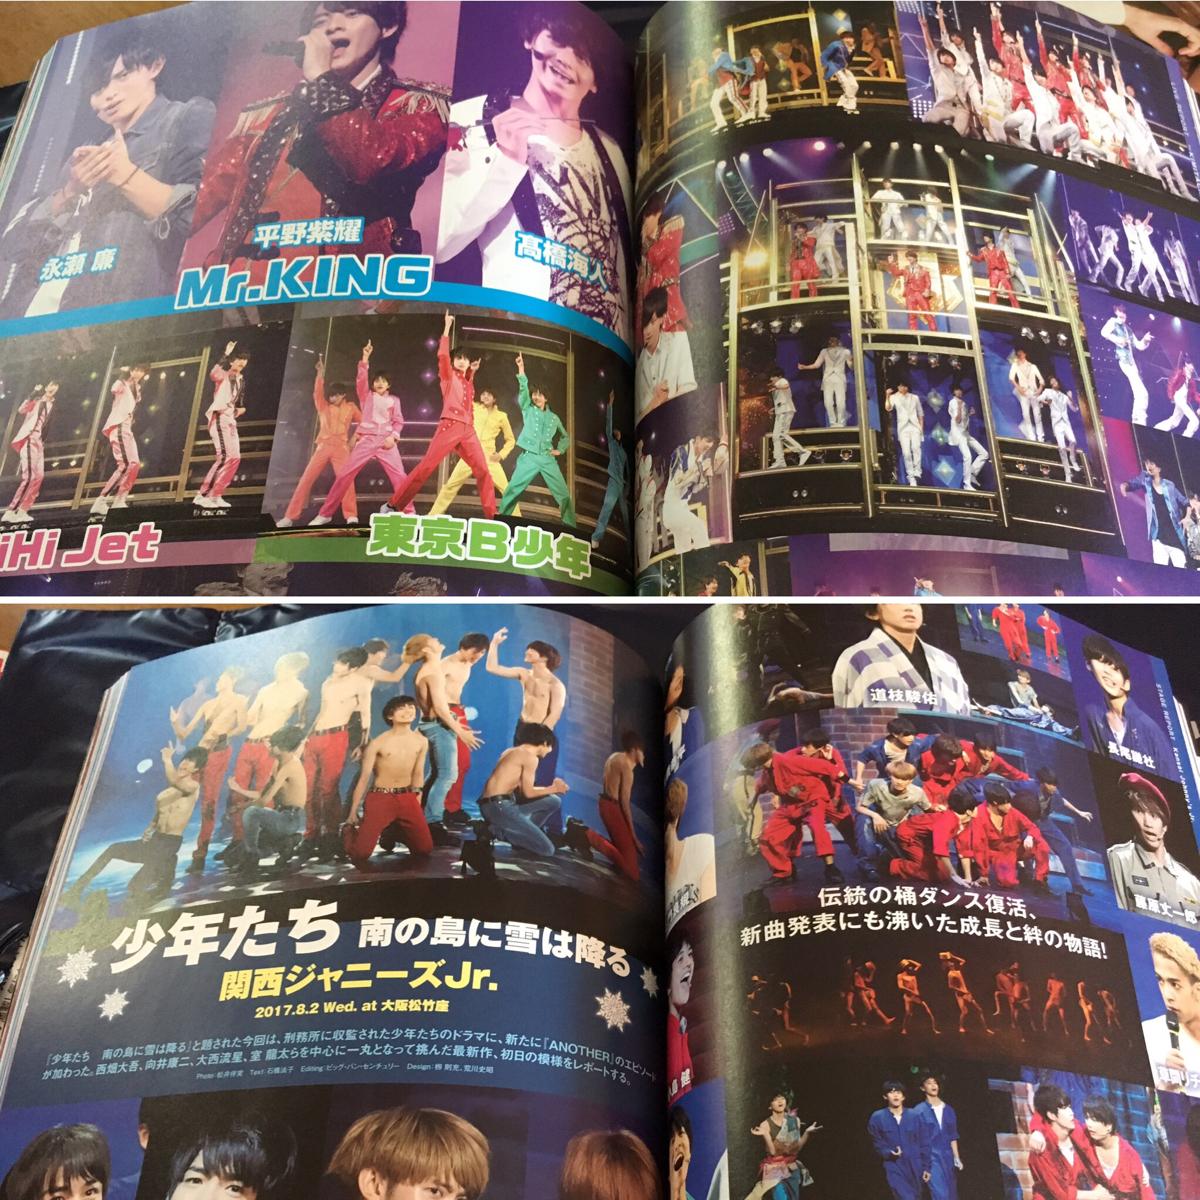 最新 月刊 Songs 9月号☆Mr.KING HiHi Jet 東京B少年 関西Jr. 少年たち 切り抜き 抜けなし 11p